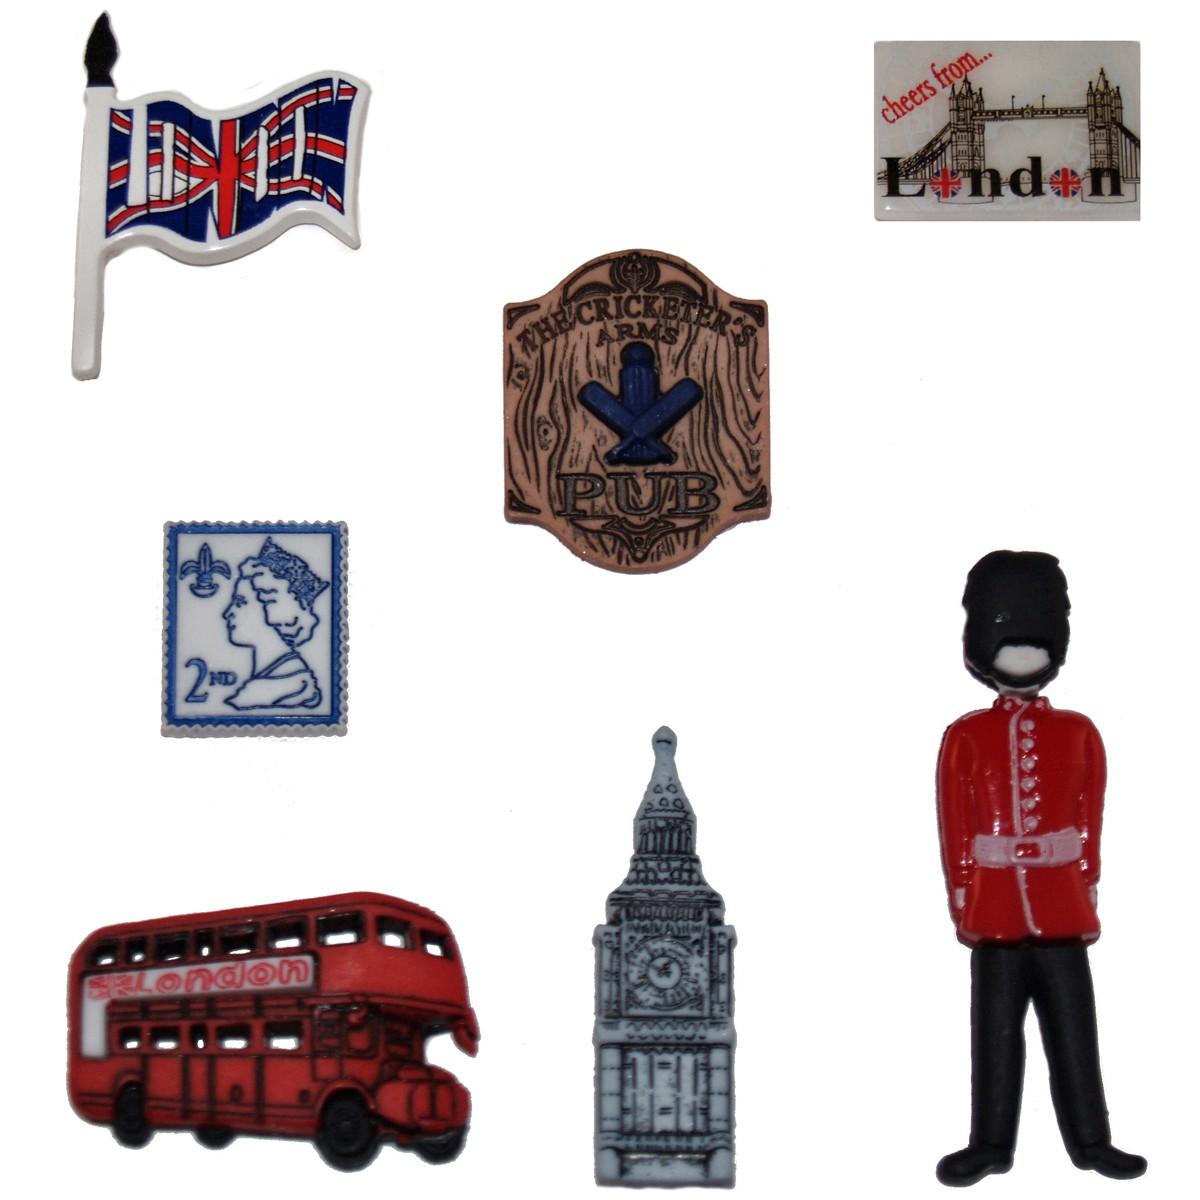 Набор пуговиц и фигурок Dress It Up Англия, 7 шт. 77022637702263Набор Dress It Up Англия состоит из 7 декоративных пуговиц и фигурок, выполненных из пластика в форме вещей, с которыми ассоциируется Англия. Такие пуговицы и фигурки подходят для любых видов творчества: скрапбукинга, декорирования, шитья, изготовления кукол, а также для оформления одежды. С их помощью вы сможете украсить открытку, фотографию, альбом, подарок и другие предметы ручной работы. Пуговицы и фигурки разных цветов имеют оригинальный и яркий дизайн.